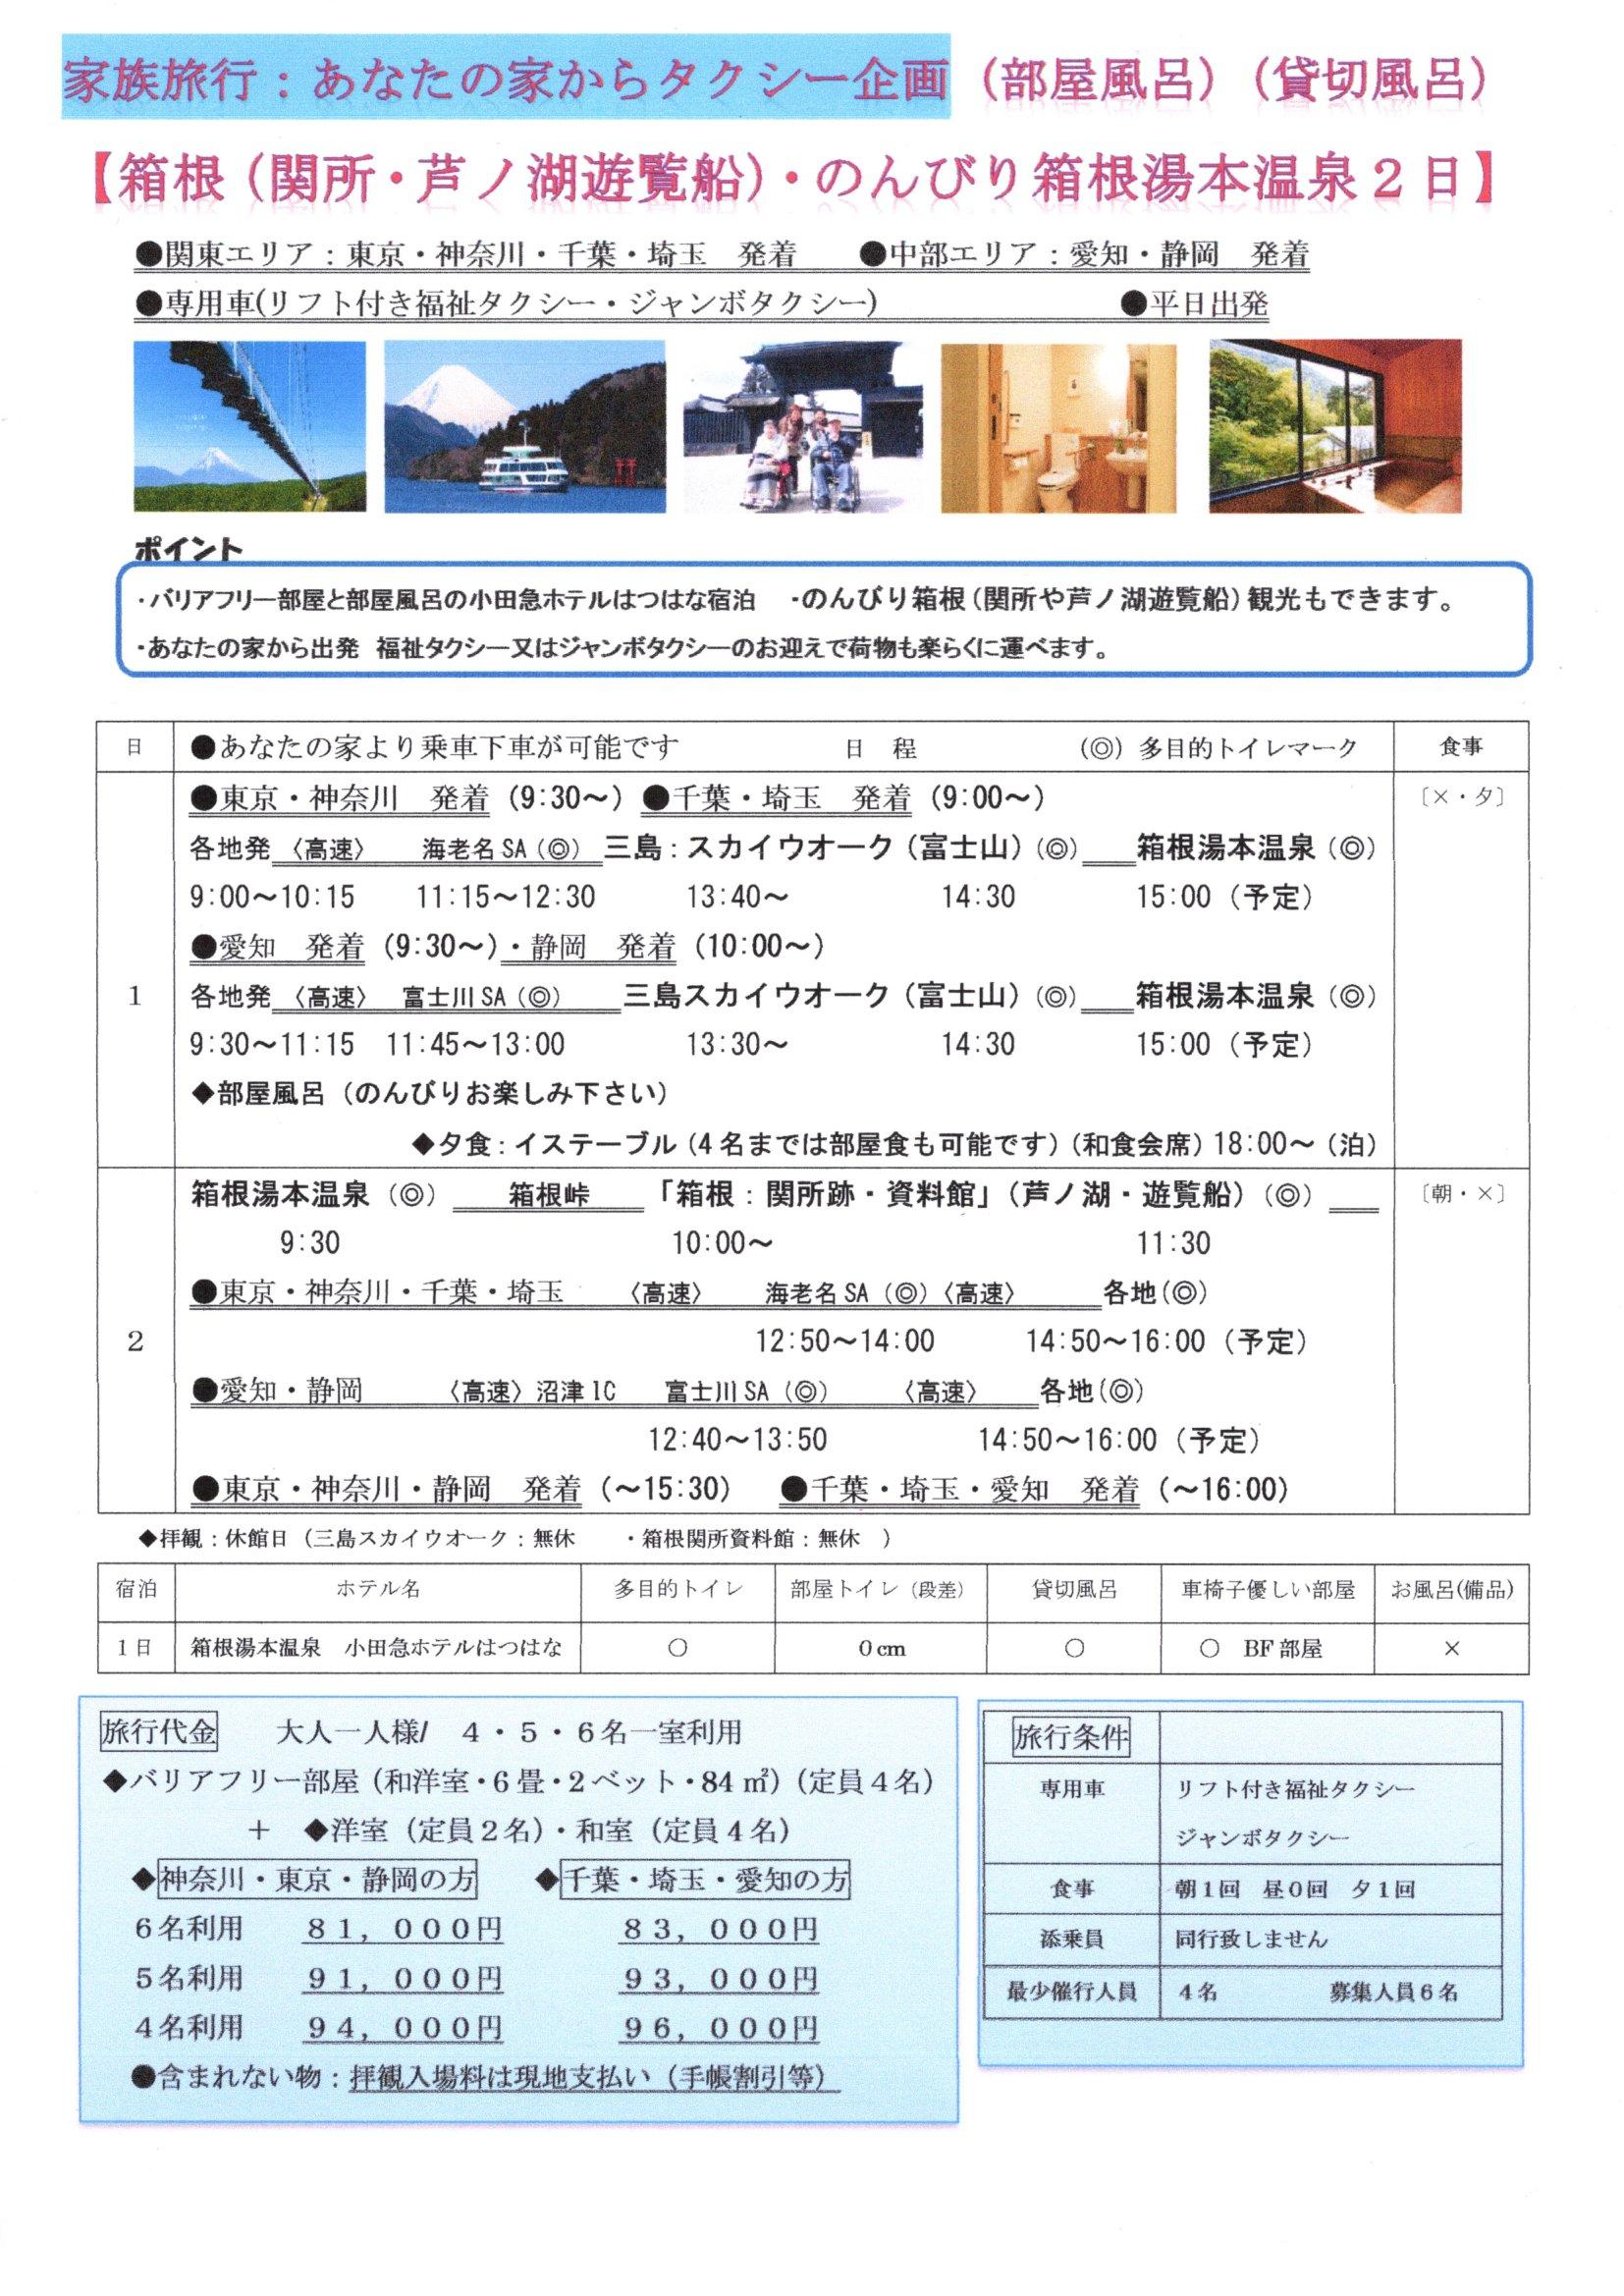 箱根(関所・芦ノ湖遊覧船)・のんびり箱根湯本温泉 2日